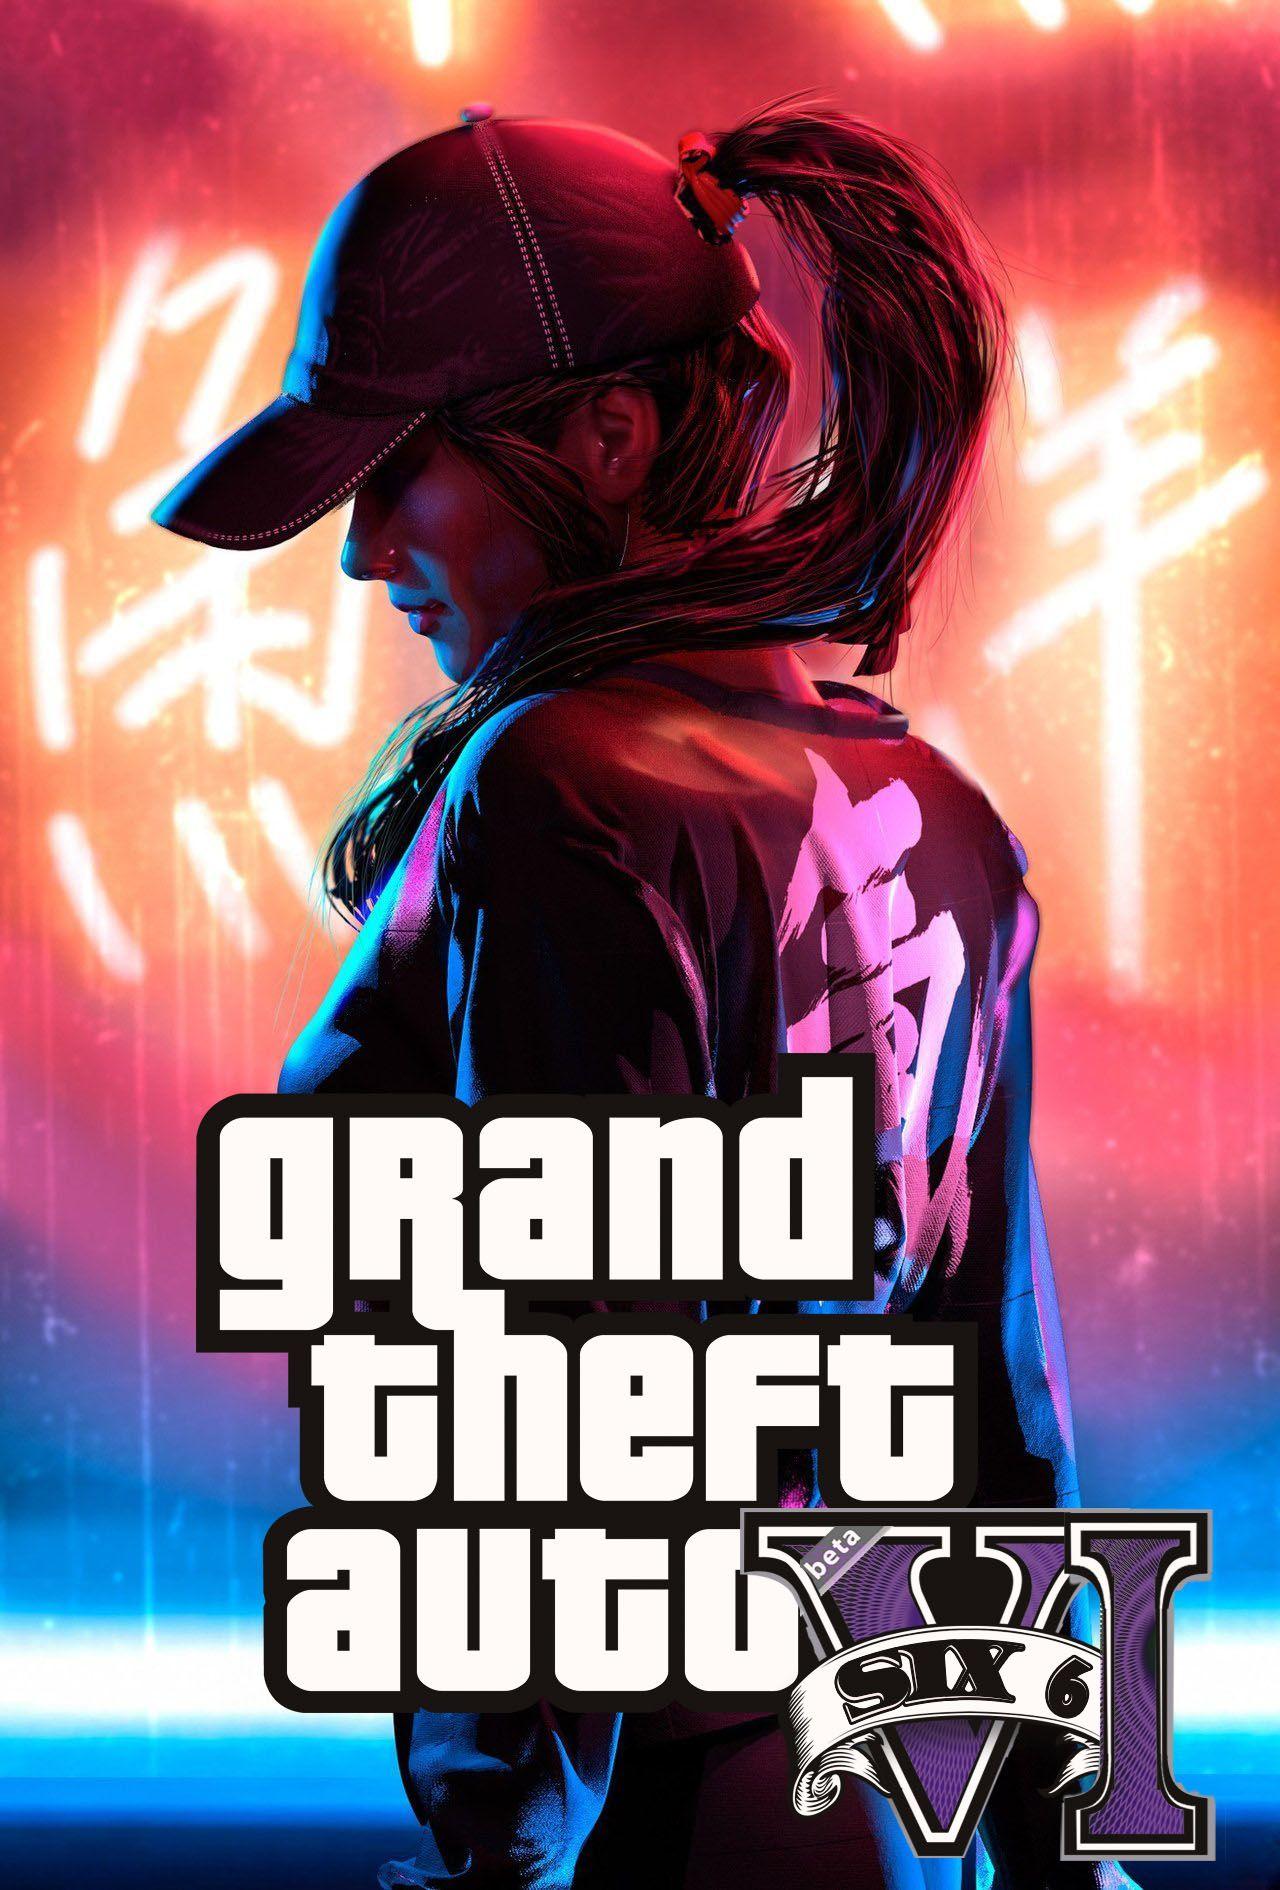 Grand Theft Auto 6 - اولین تصاویر و اطلاعات از بازی GTA 6 لو رفت | نام رمز Project America